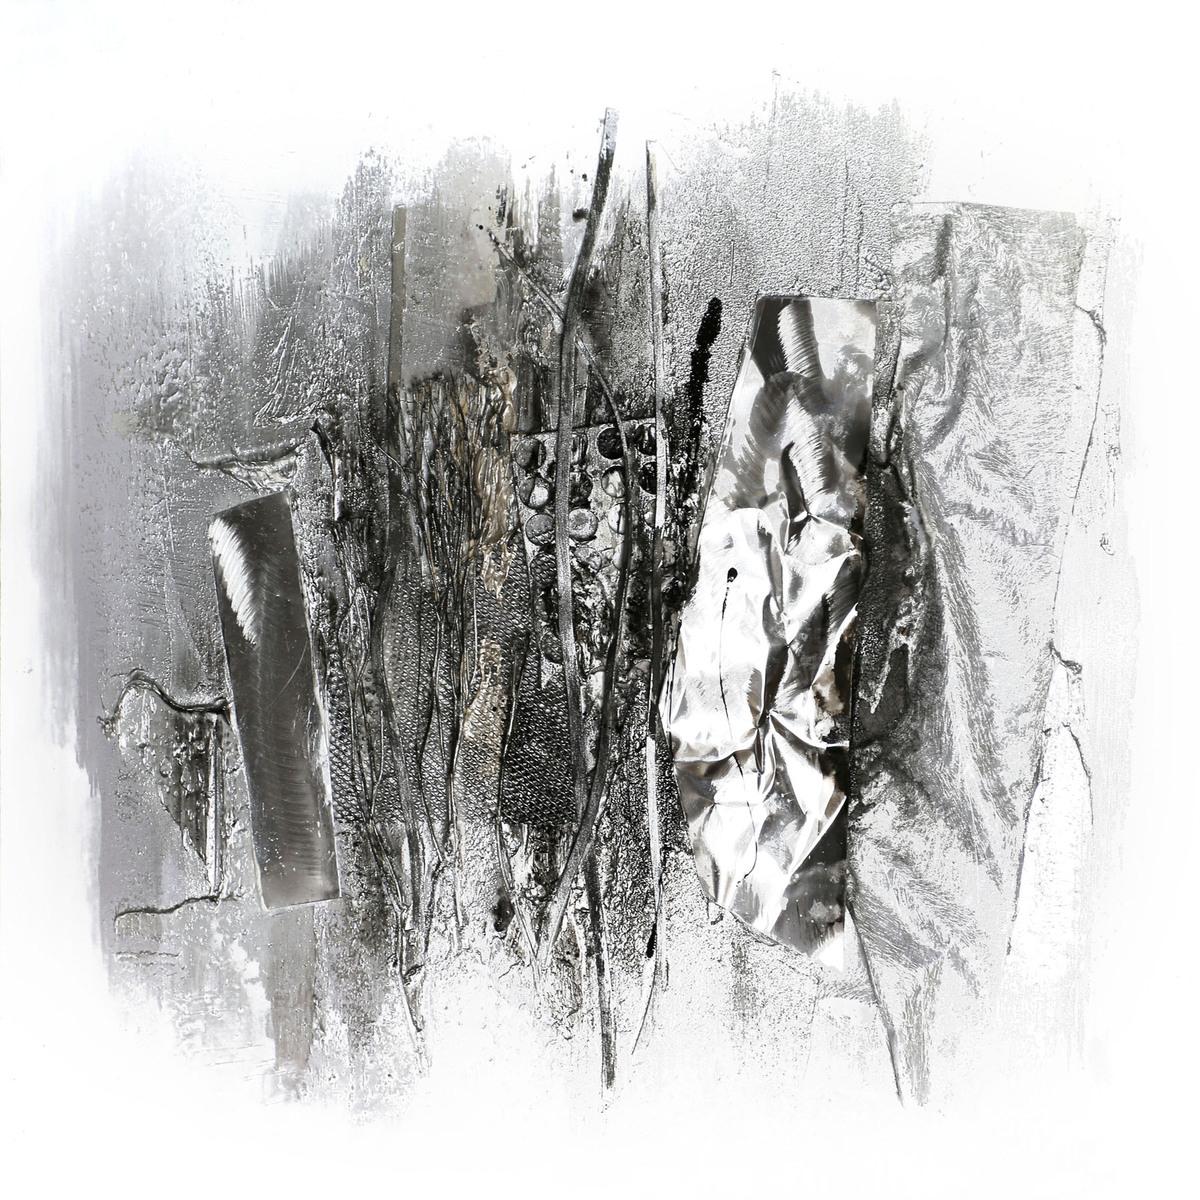 Aluminium Bild Abstact I 80cm x 80cm